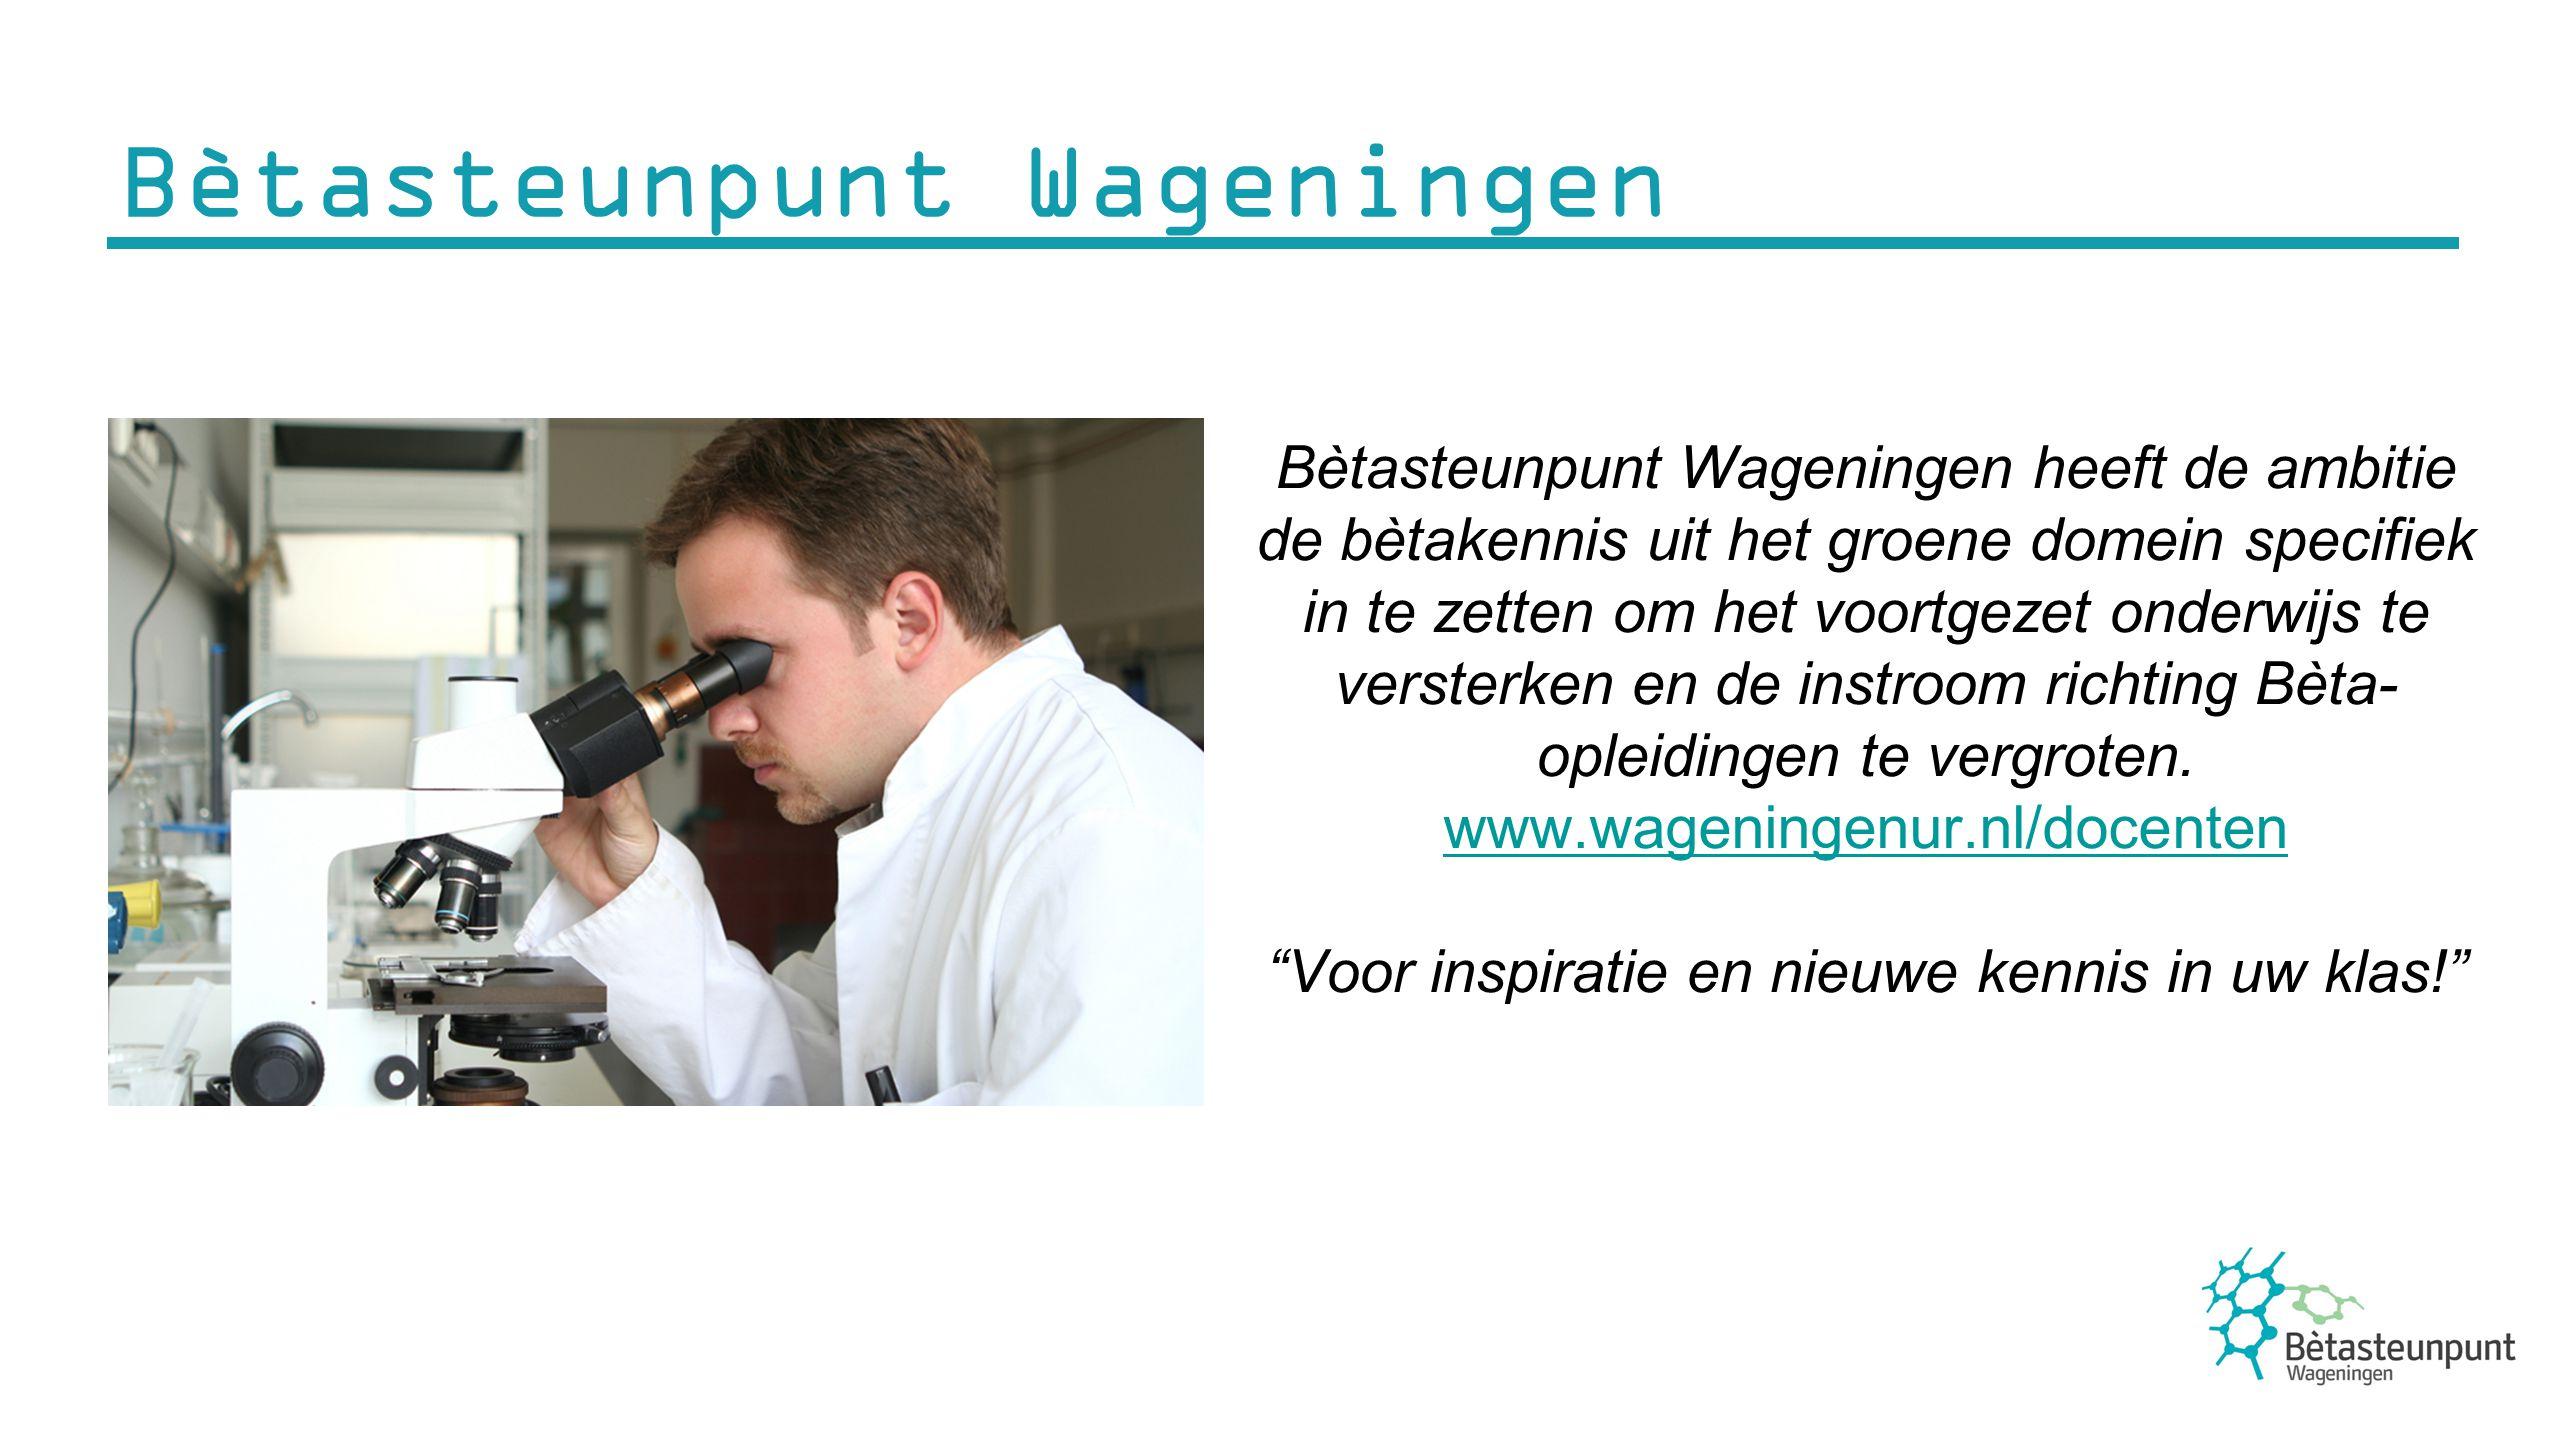 Bètasteunpunt Wageningen heeft de ambitie de bètakennis uit het groene domein specifiek in te zetten om het voortgezet onderwijs te versterken en de i